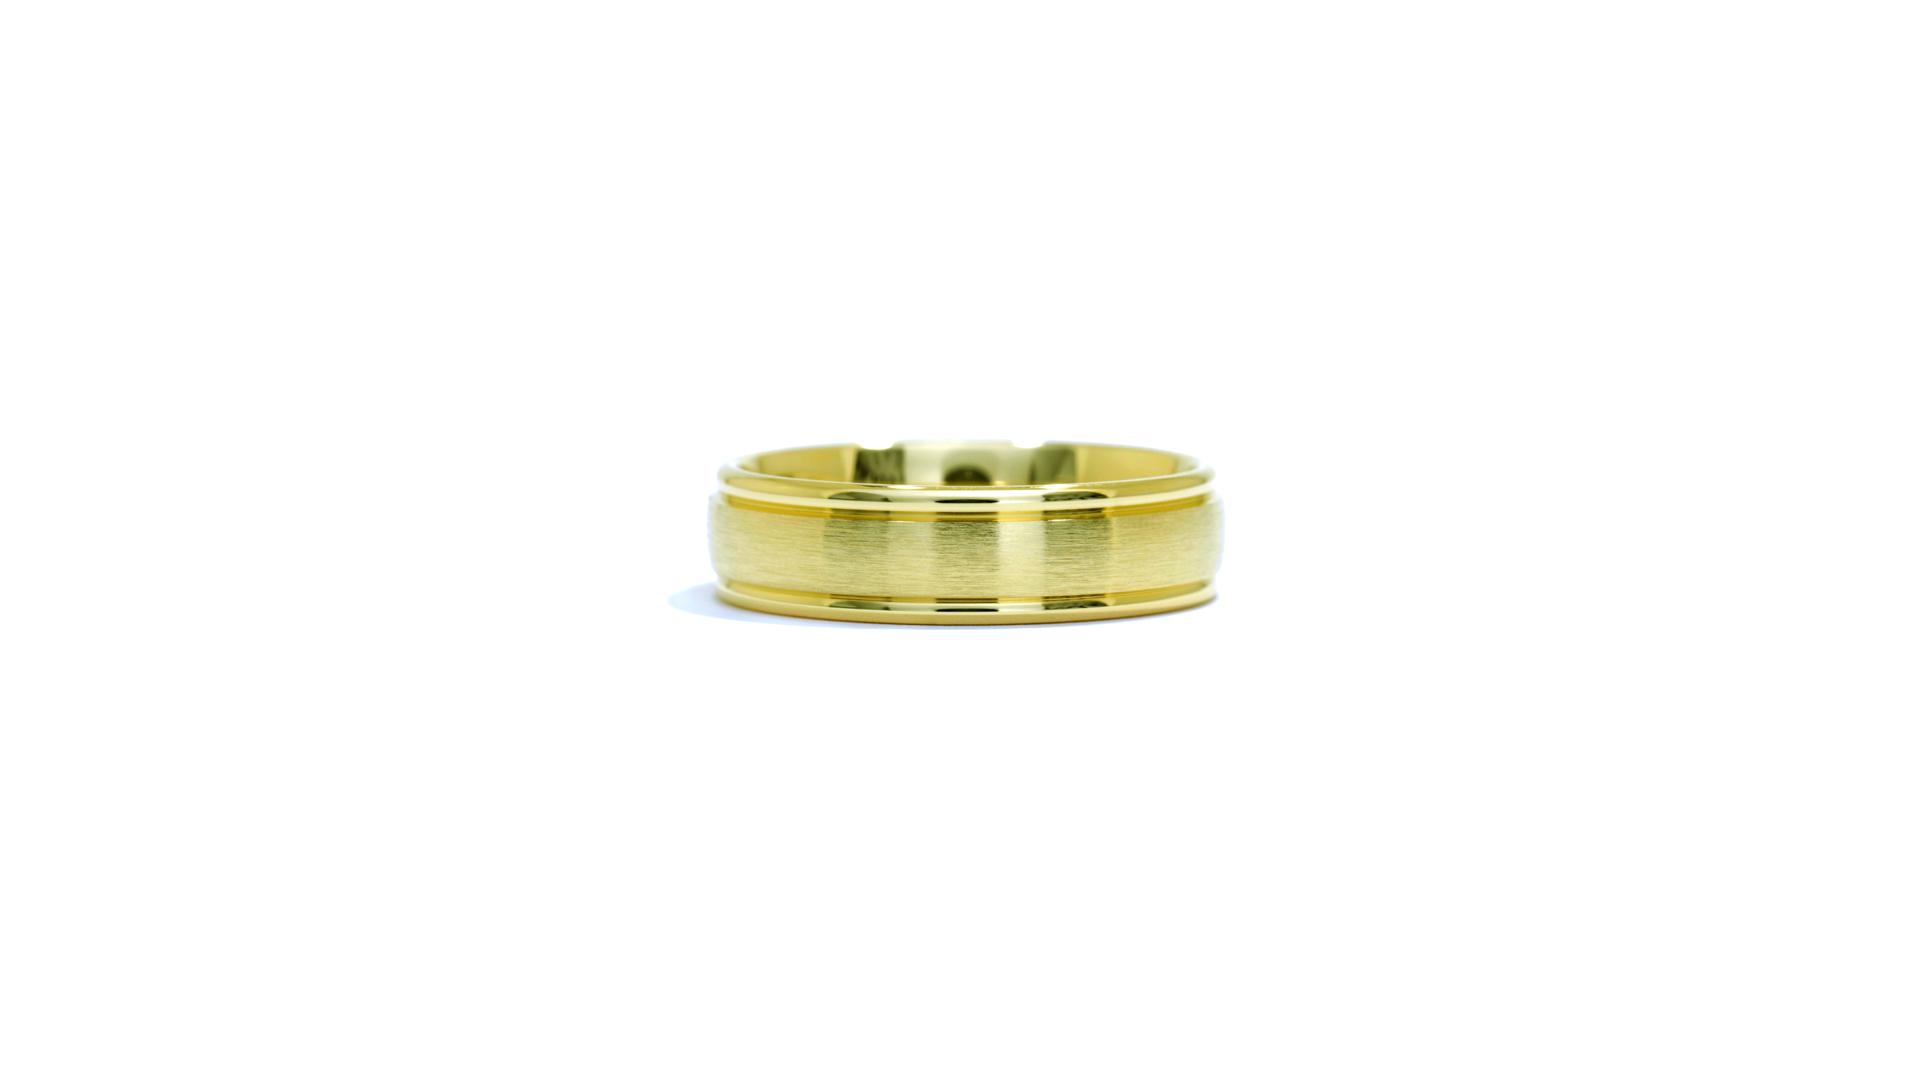 ja2909 - Satin Finish 14k Yellow Gold Band at Ascot Diamonds